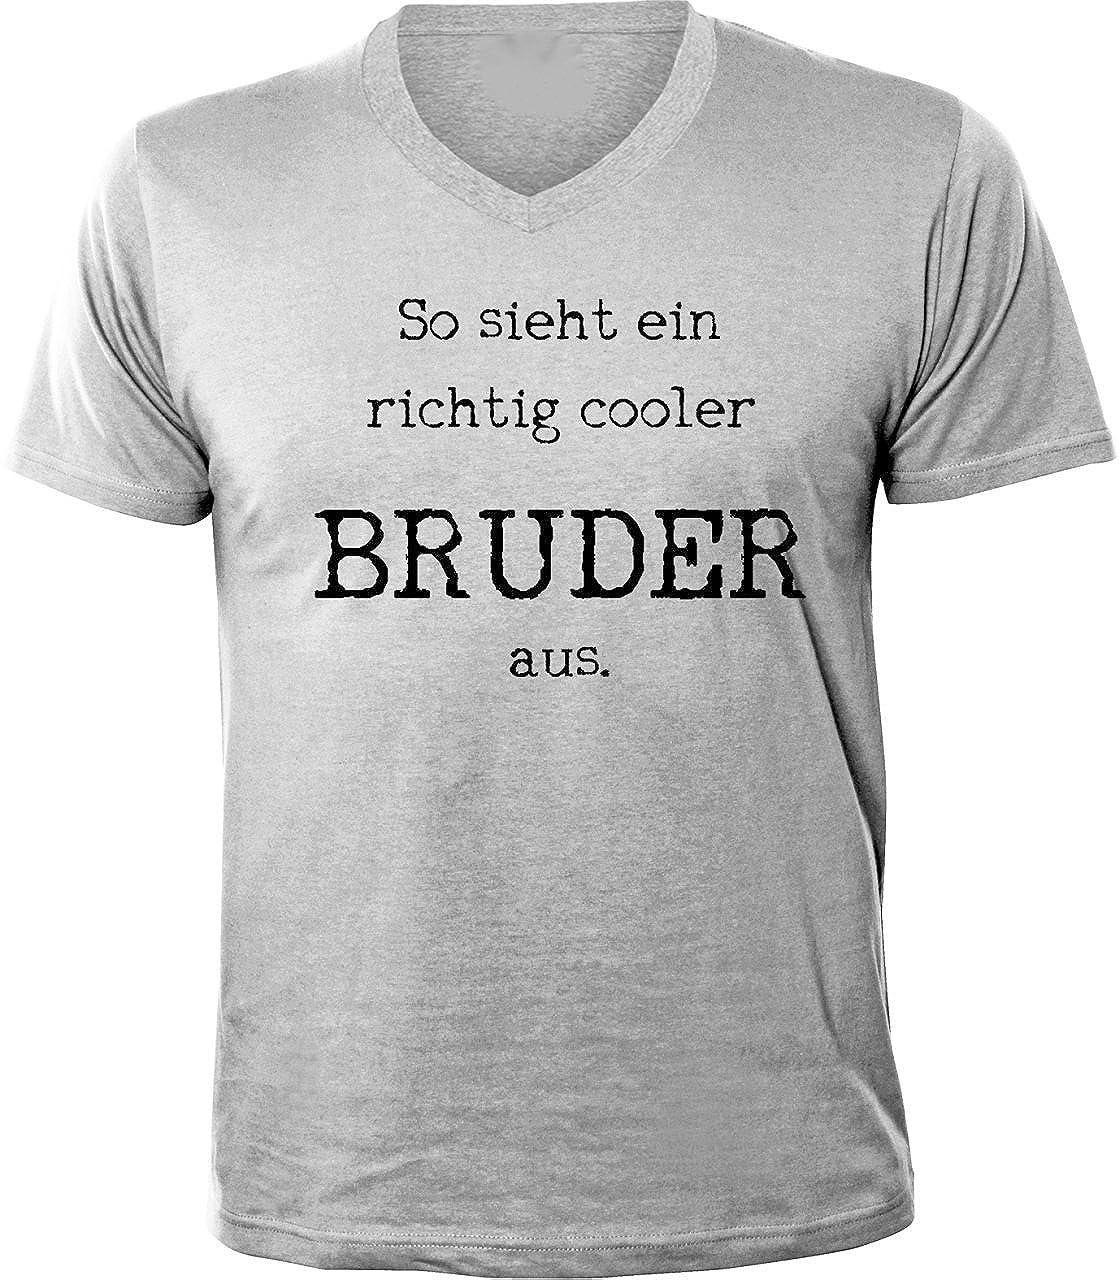 Shoppen Sie Mister Merchandise Herren T Shirt So Sieht Ein Richtig Cooler  Bruder Aus Geschwister Brother V Neck V Ausschnitt Auf Amazon.de:T Shirts